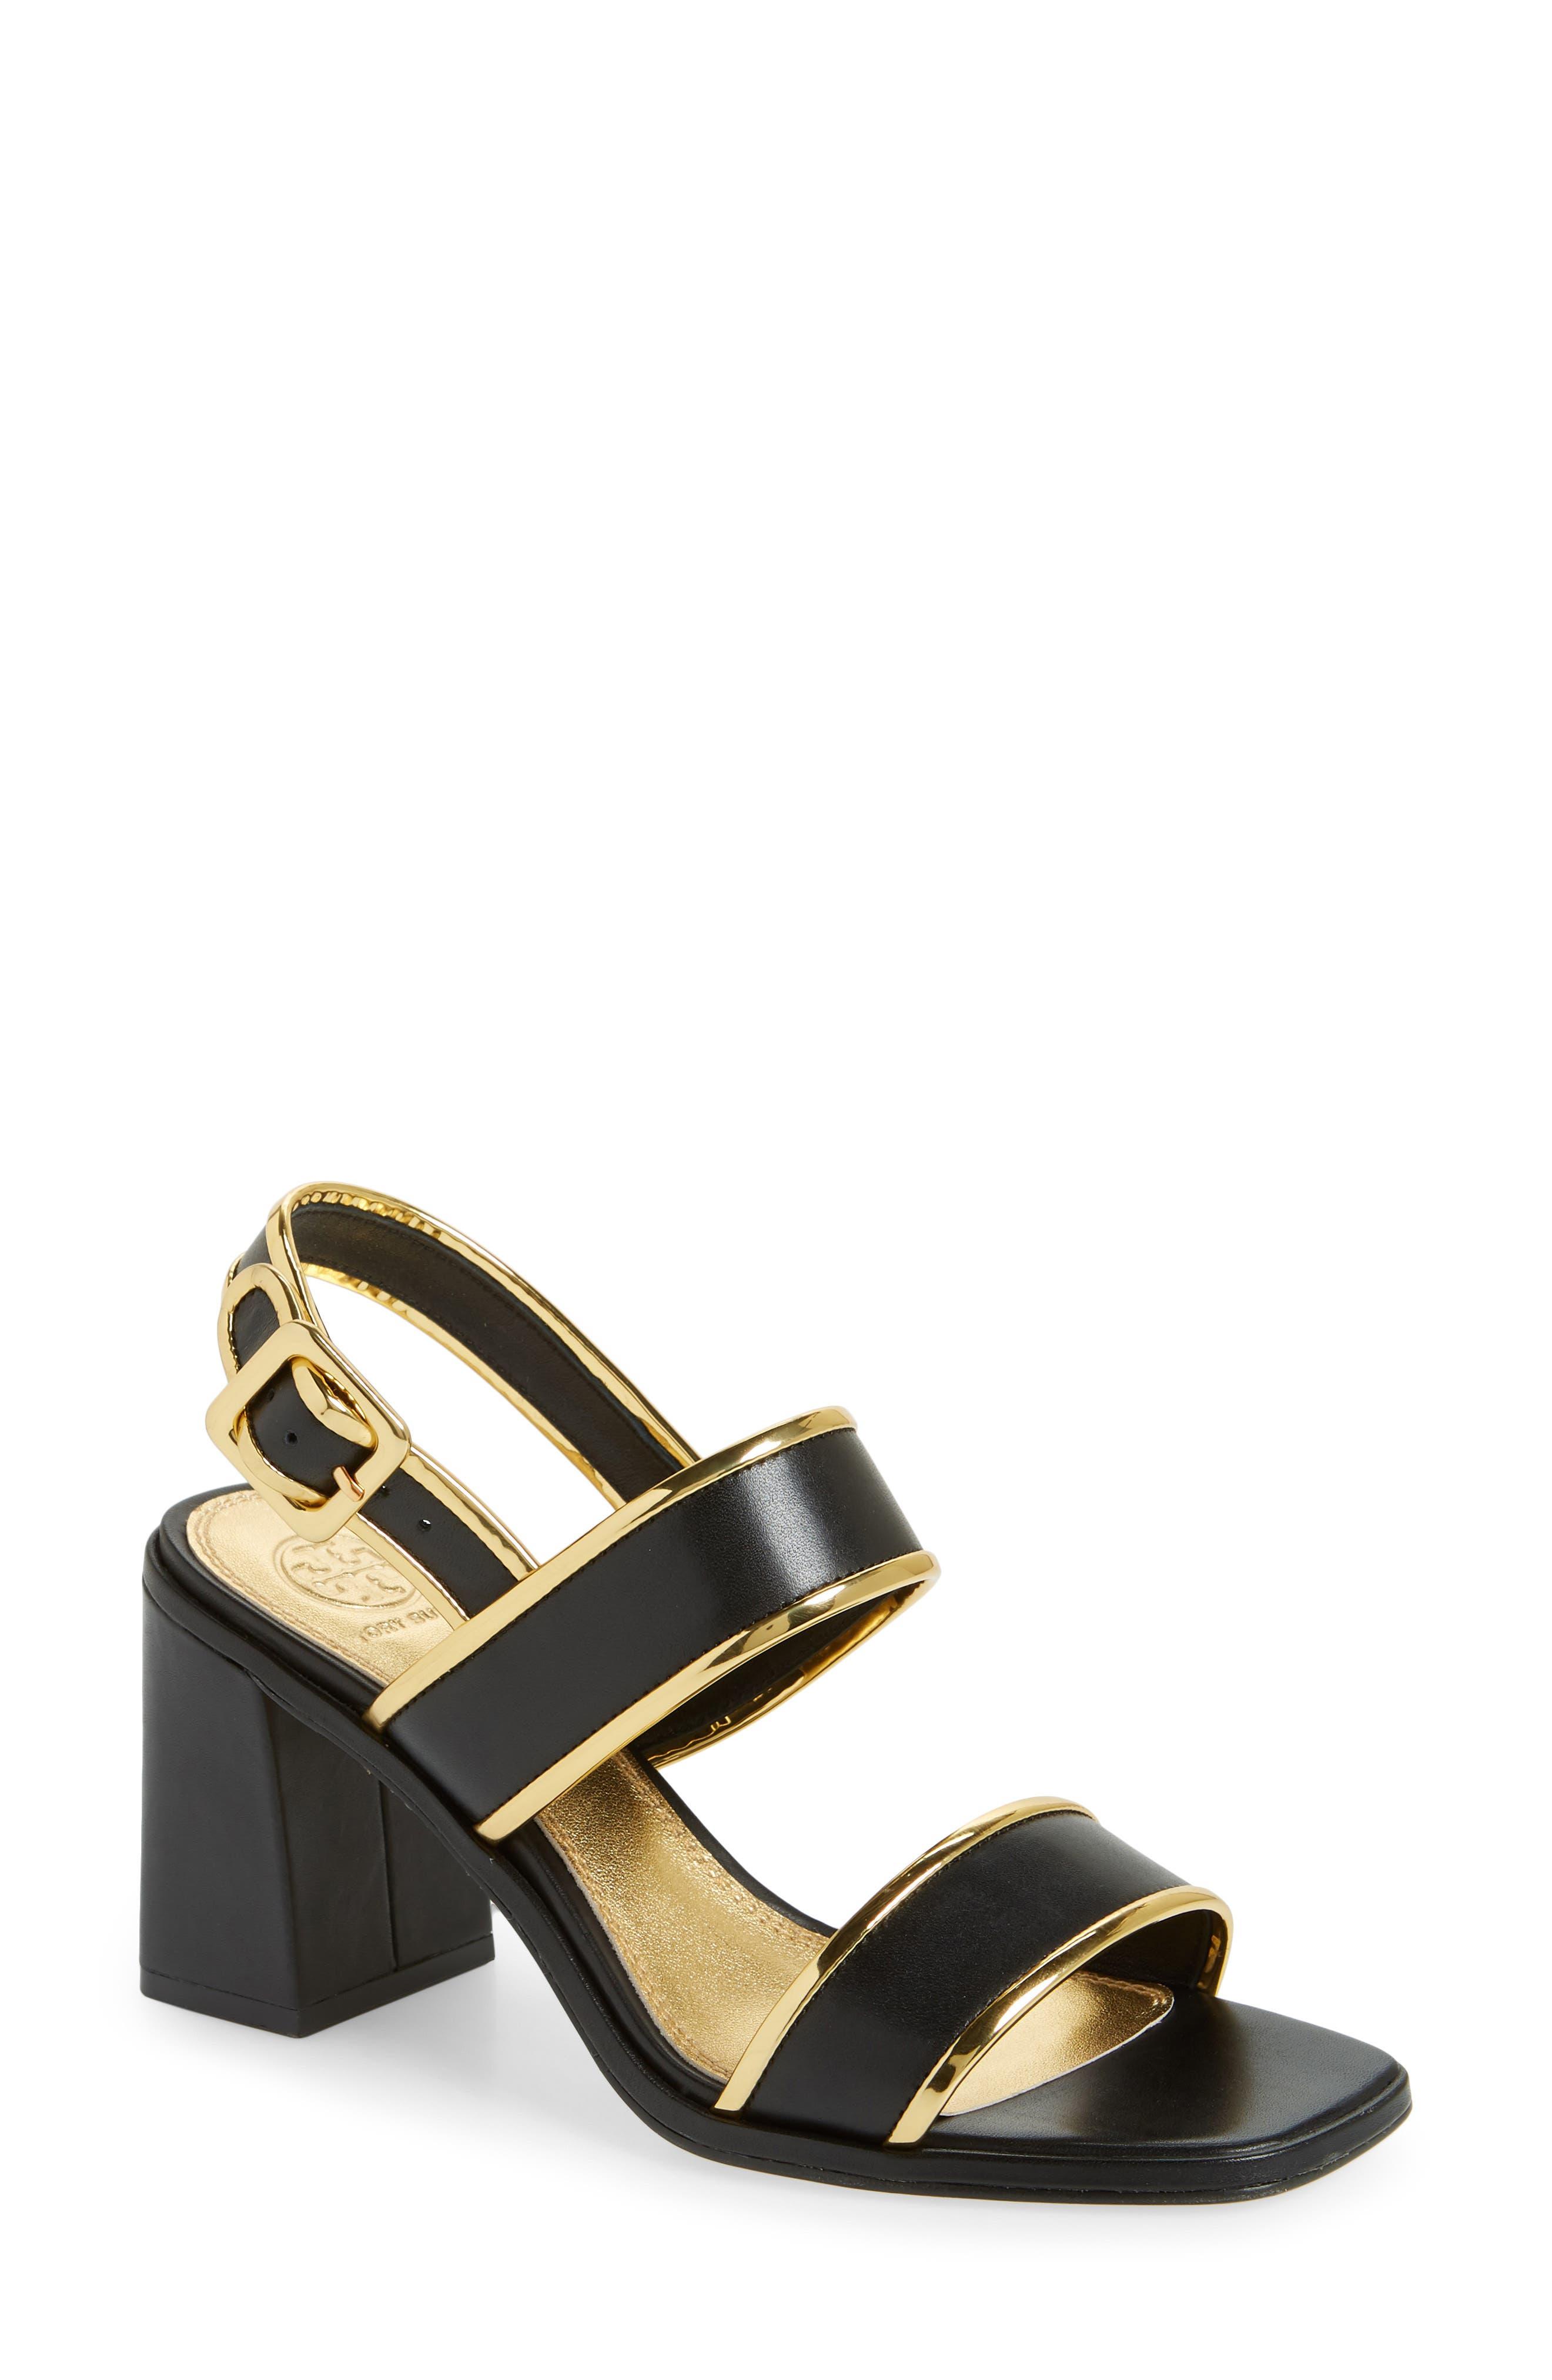 Delaney Double Strap Sandal,                             Main thumbnail 1, color,